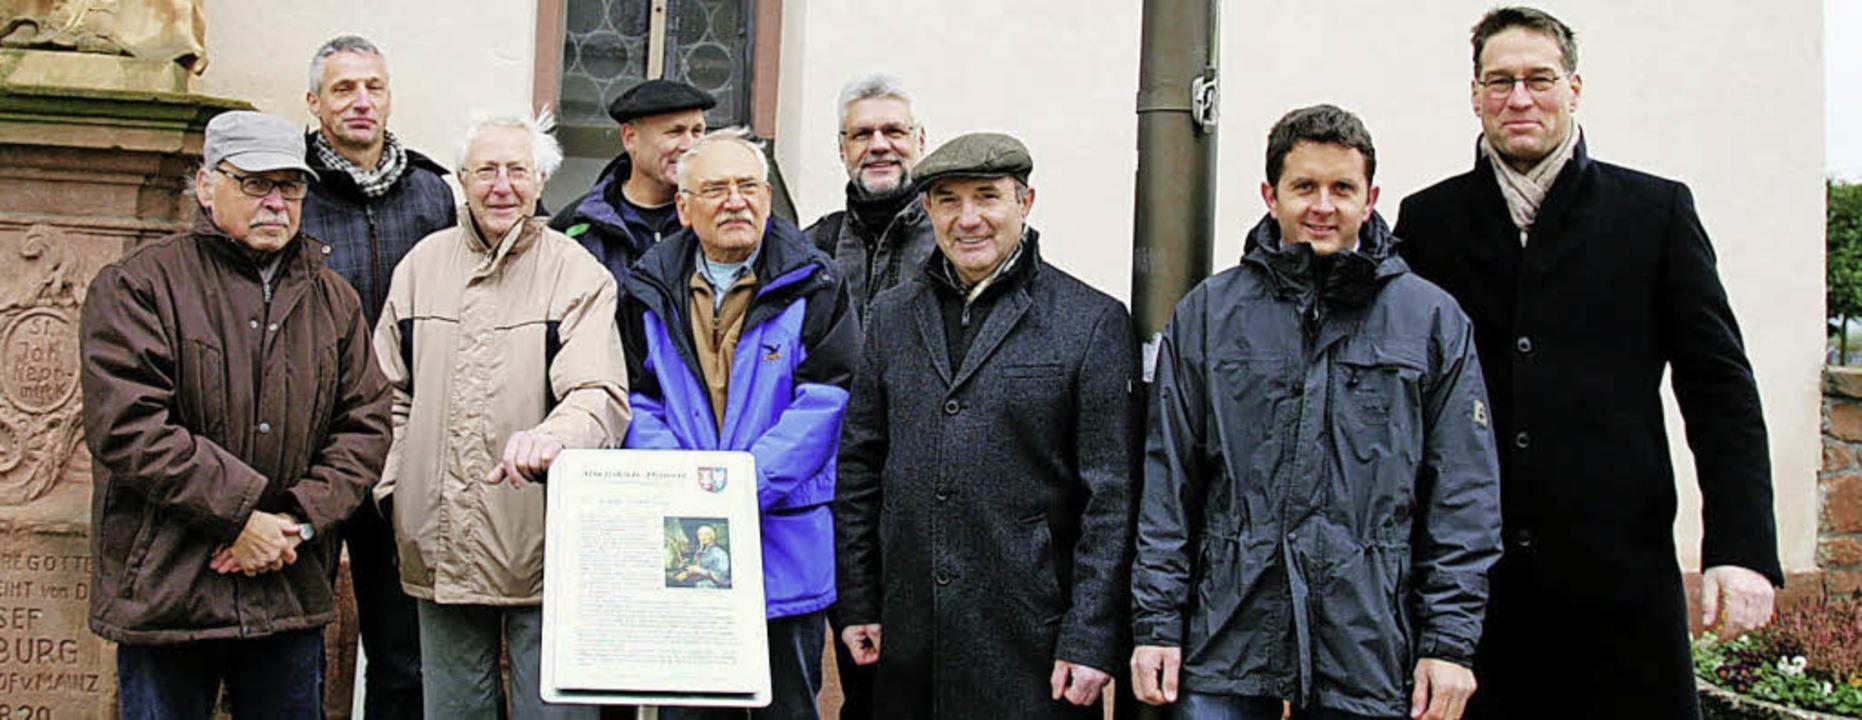 Eine Infotafel an der Kappeler Kirche ...ner  und Bürgermeister Jochen Paleit.   | Foto: Sandra Decoux-Kone